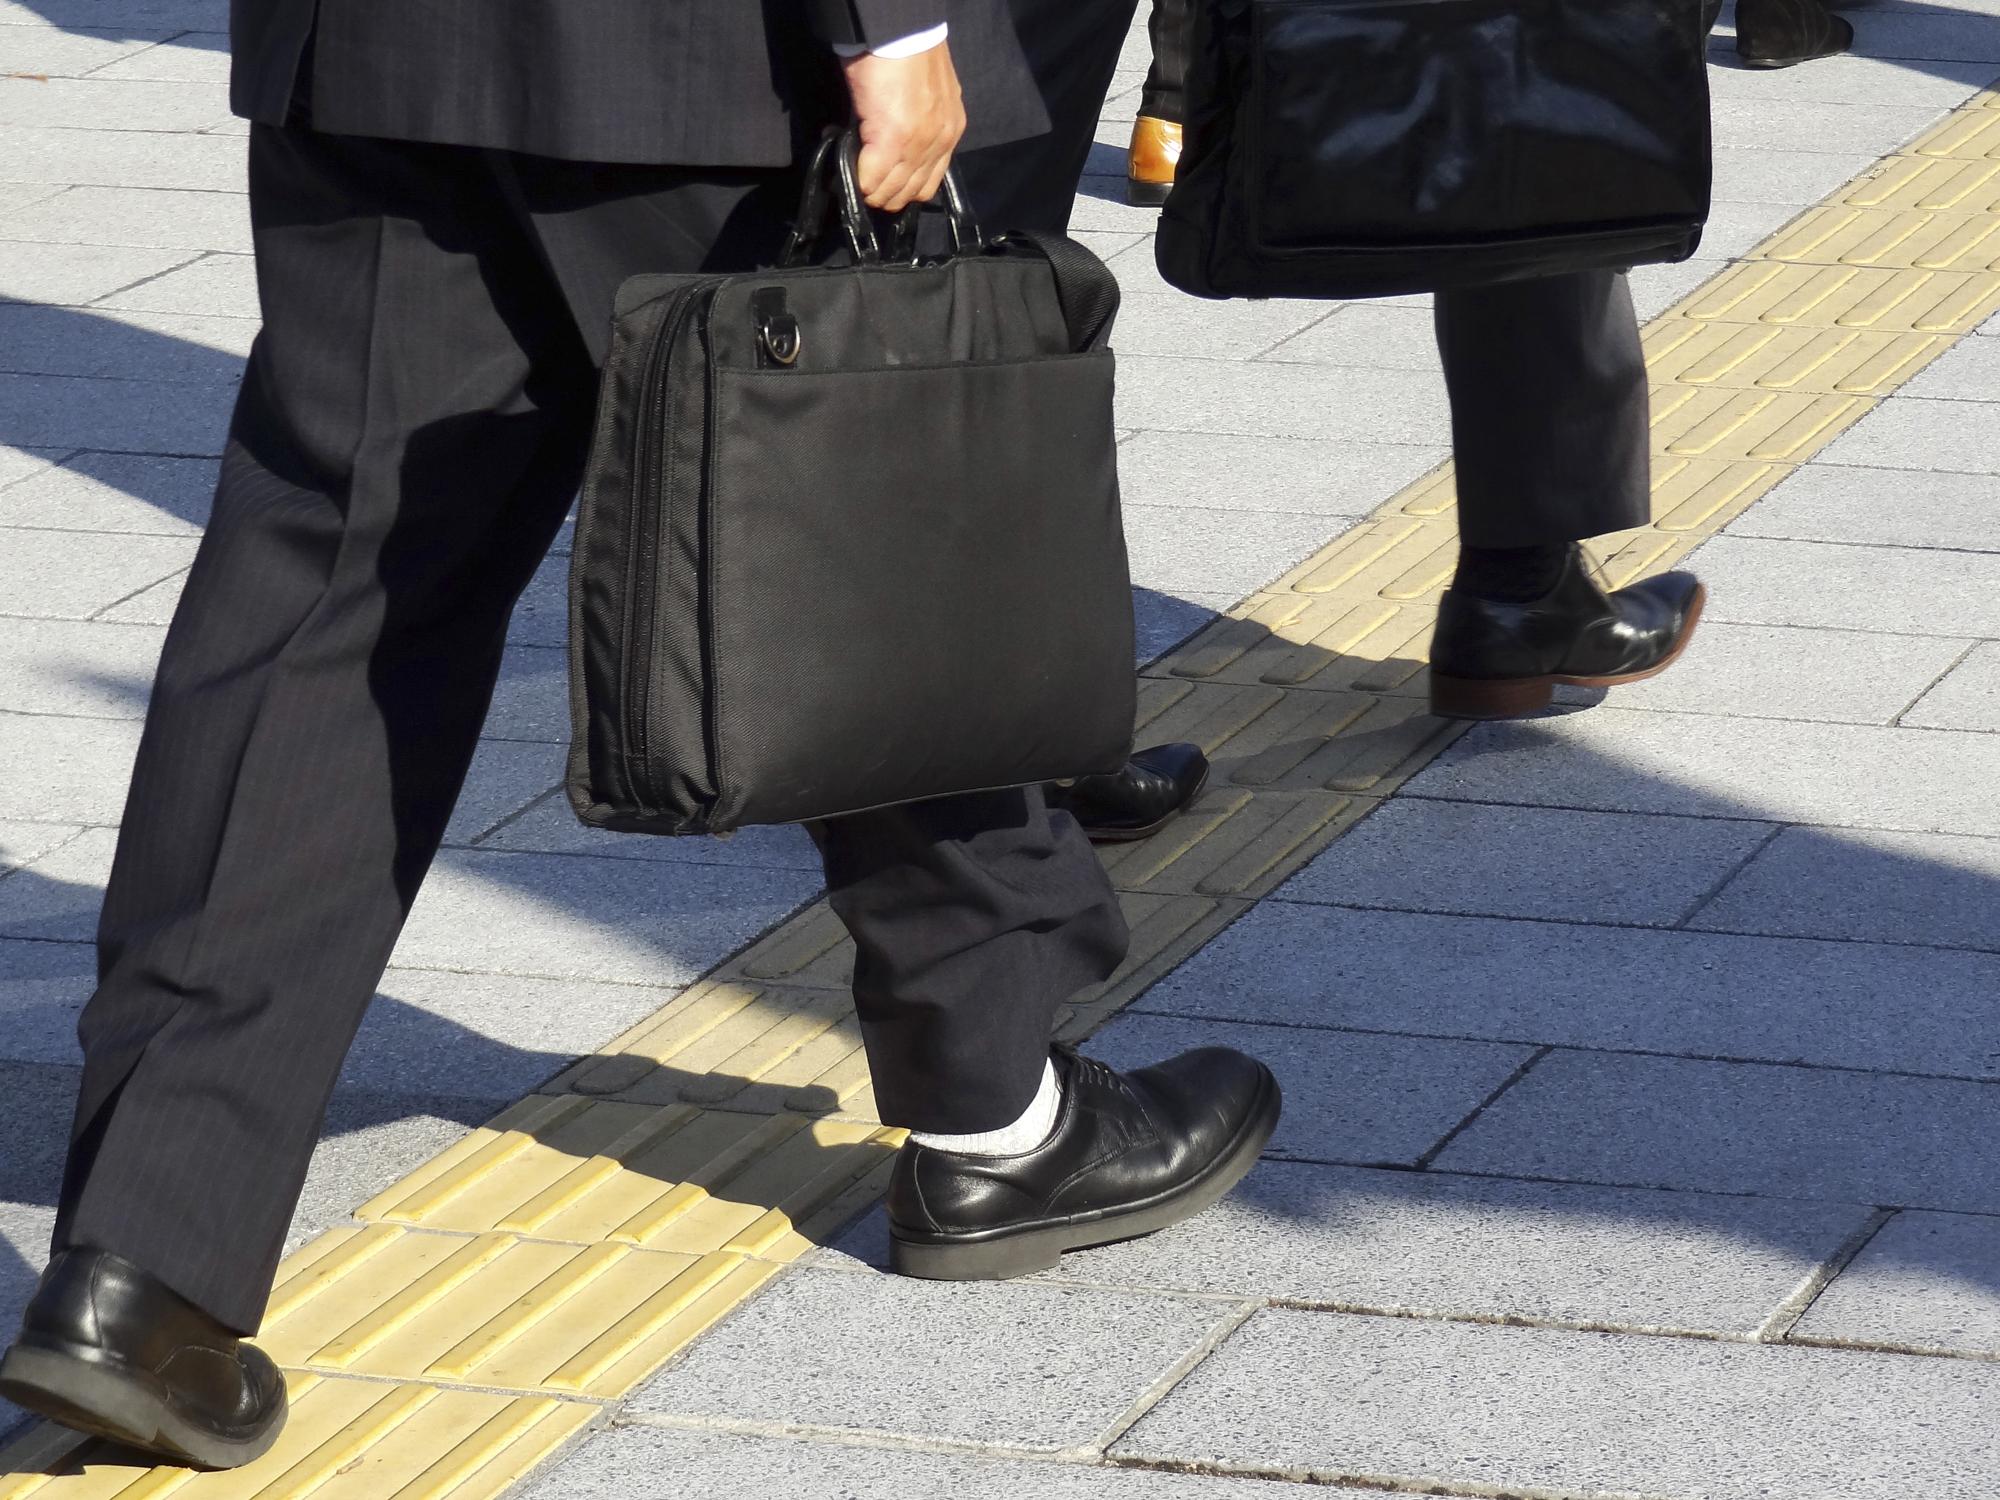 足元を見る人の特徴 心理 対処法 職場の人間関係110番 苦手な上司